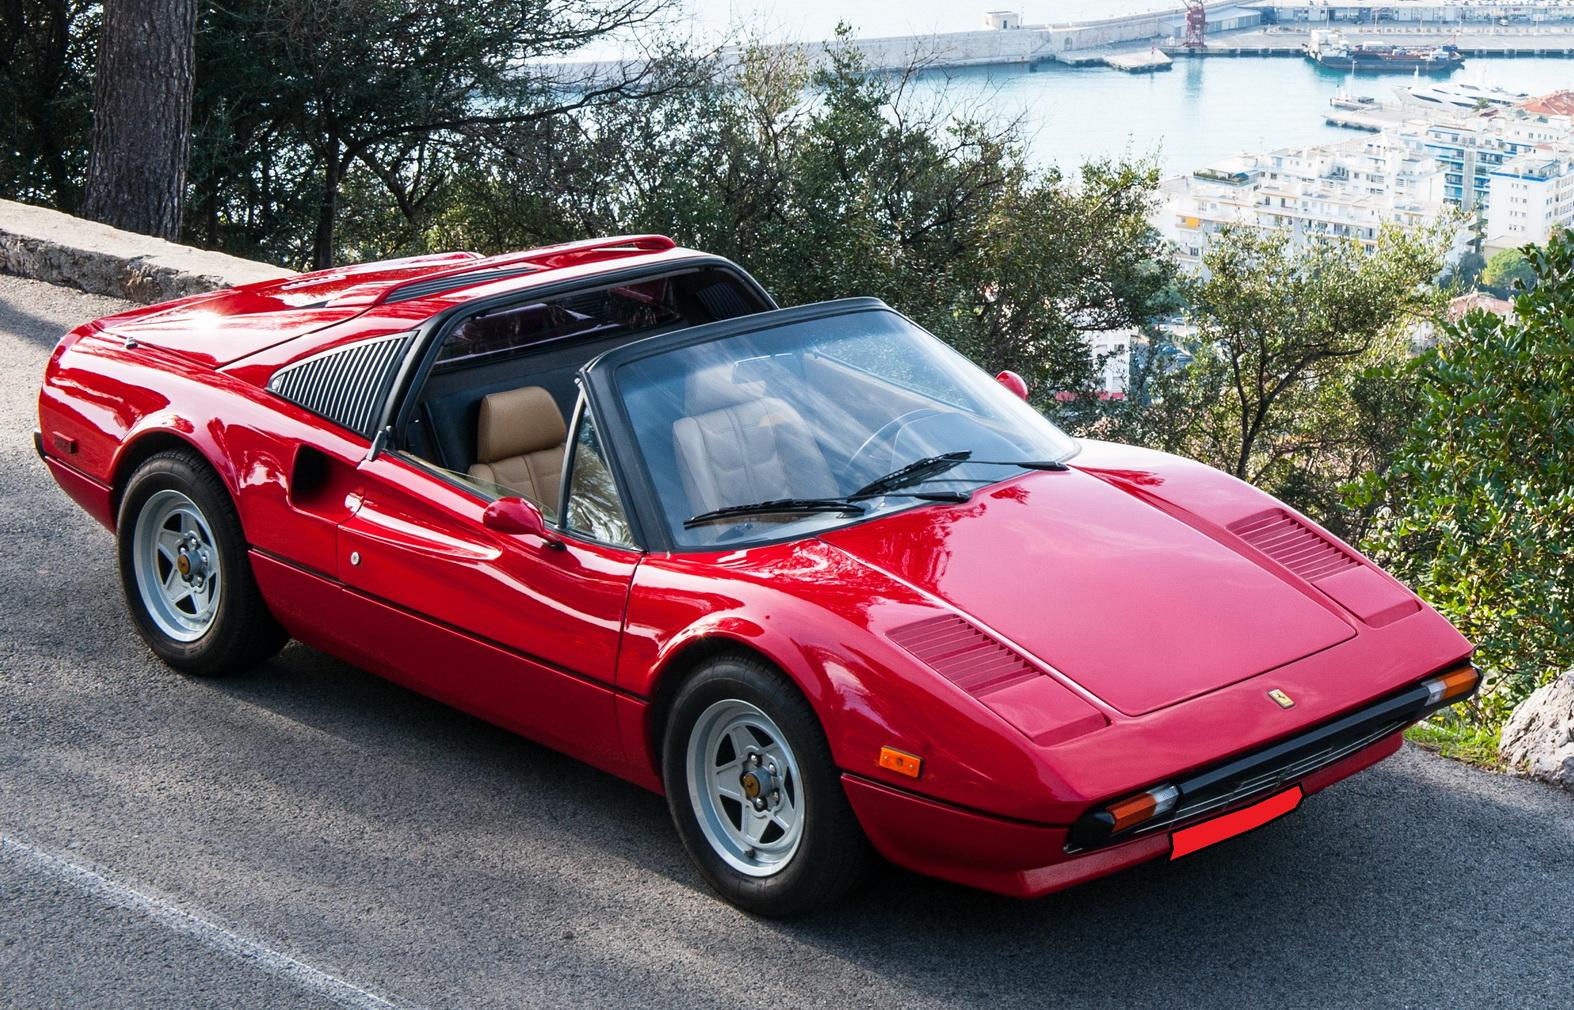 Ferrari 308 Gts Rent A Classic Car The Classic Car Rental In Portugal